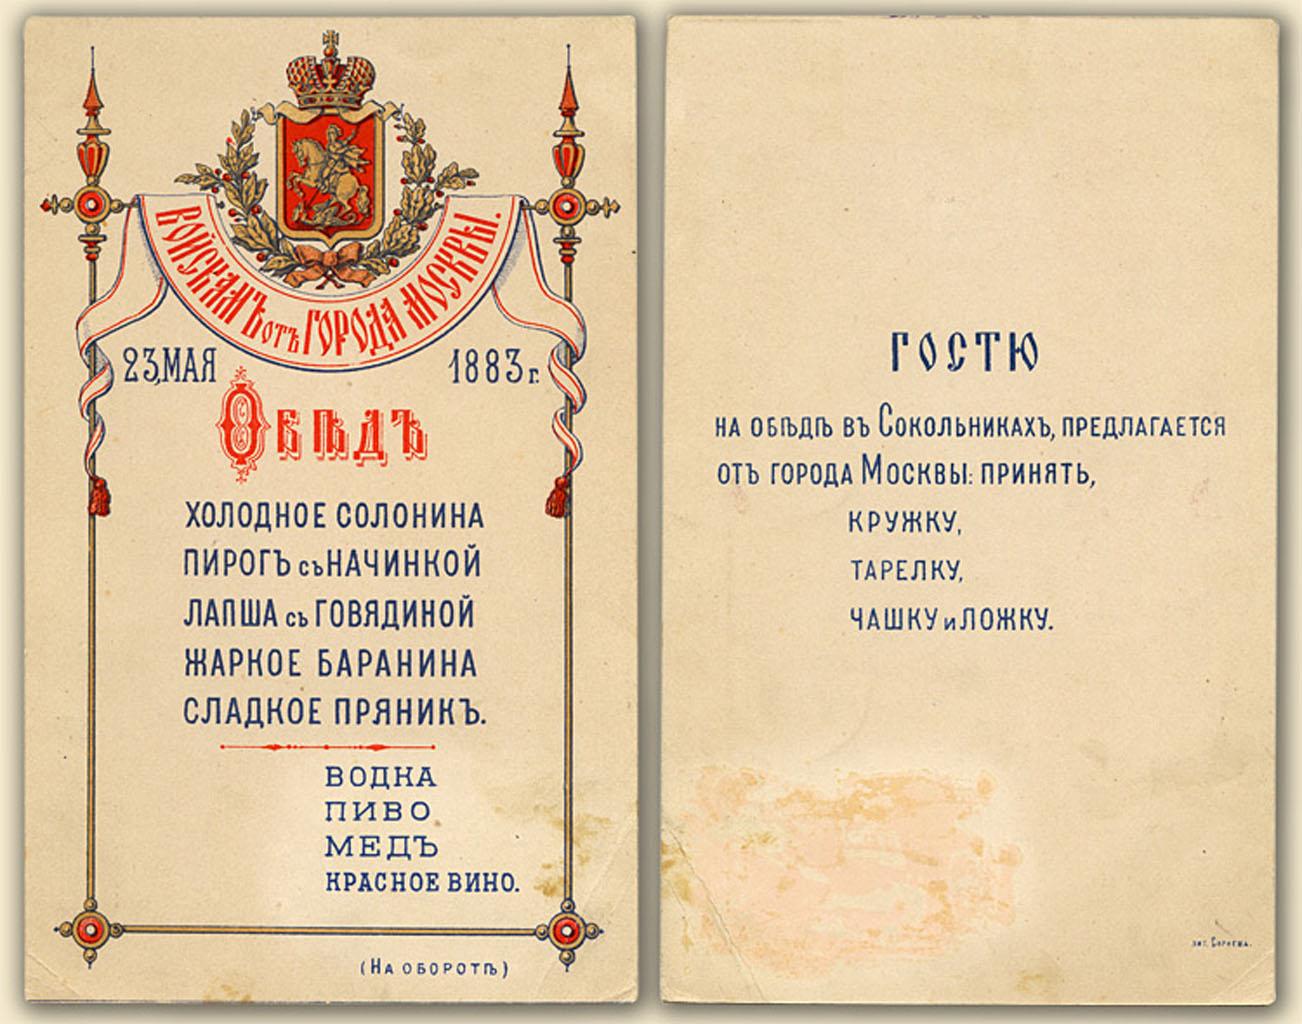 0_919dd_d59475e7_origМеню обеда 23 мая 1883 года войскам от города Москвы в Сокольниках.